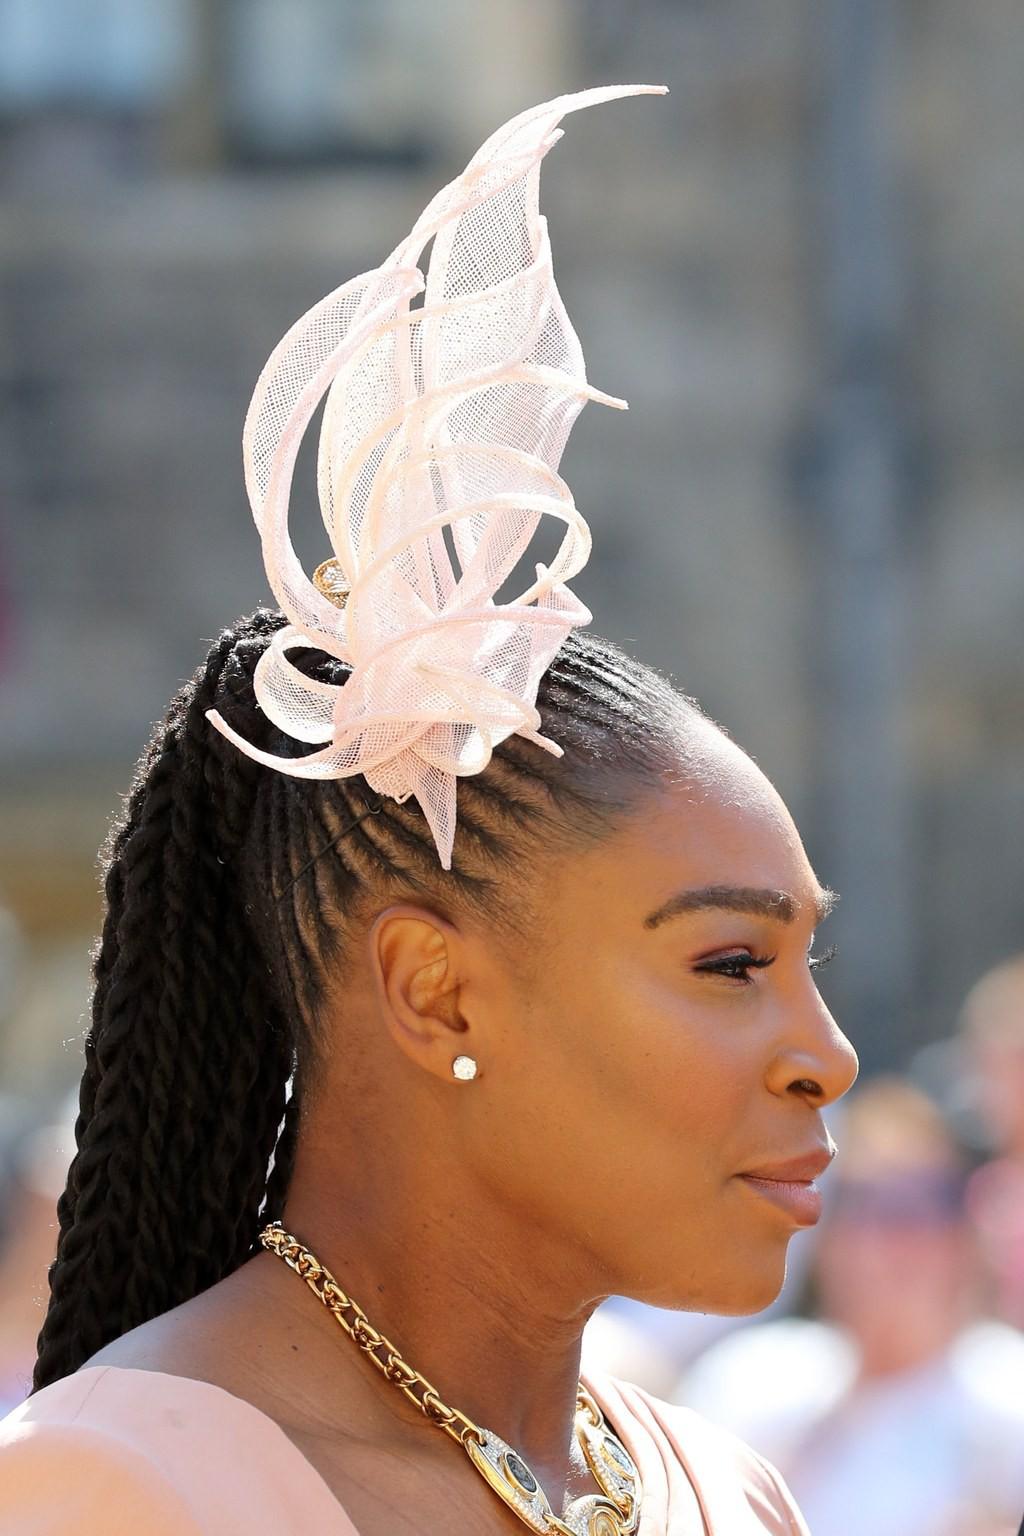 Ngắm thời trang tại đám cưới hoàng gia mà bỏ lỡ 15 chiếc mũ tinh xảo này thì bạn đã bỏ qua đặc sản rồi - Ảnh 11.